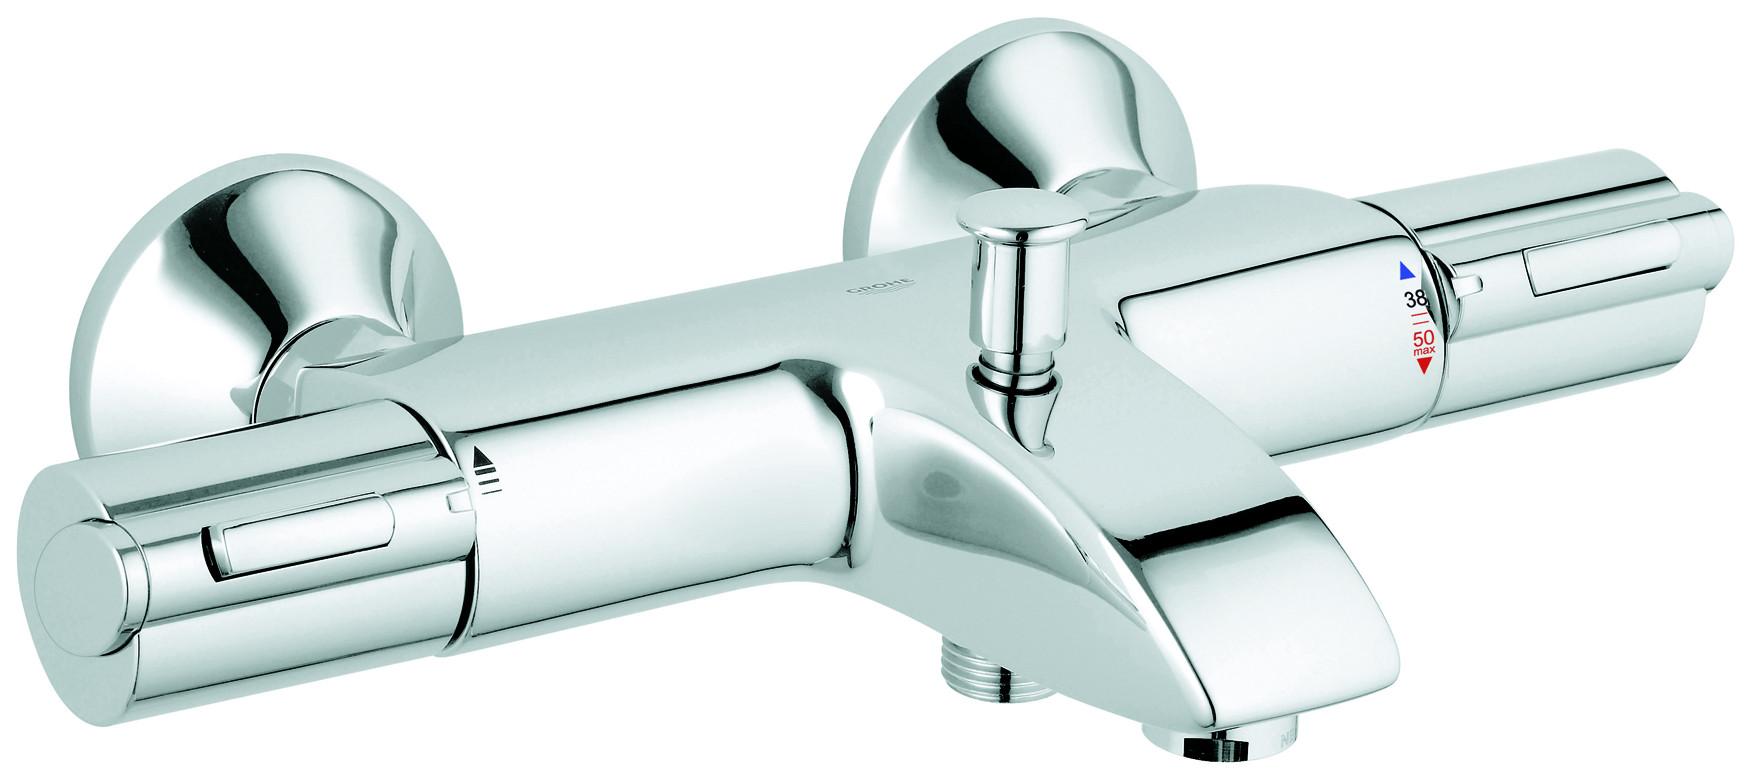 Robinetterie salle de bain et cuisine pour les - Mitigeur thermostatique baignoire grohe ...